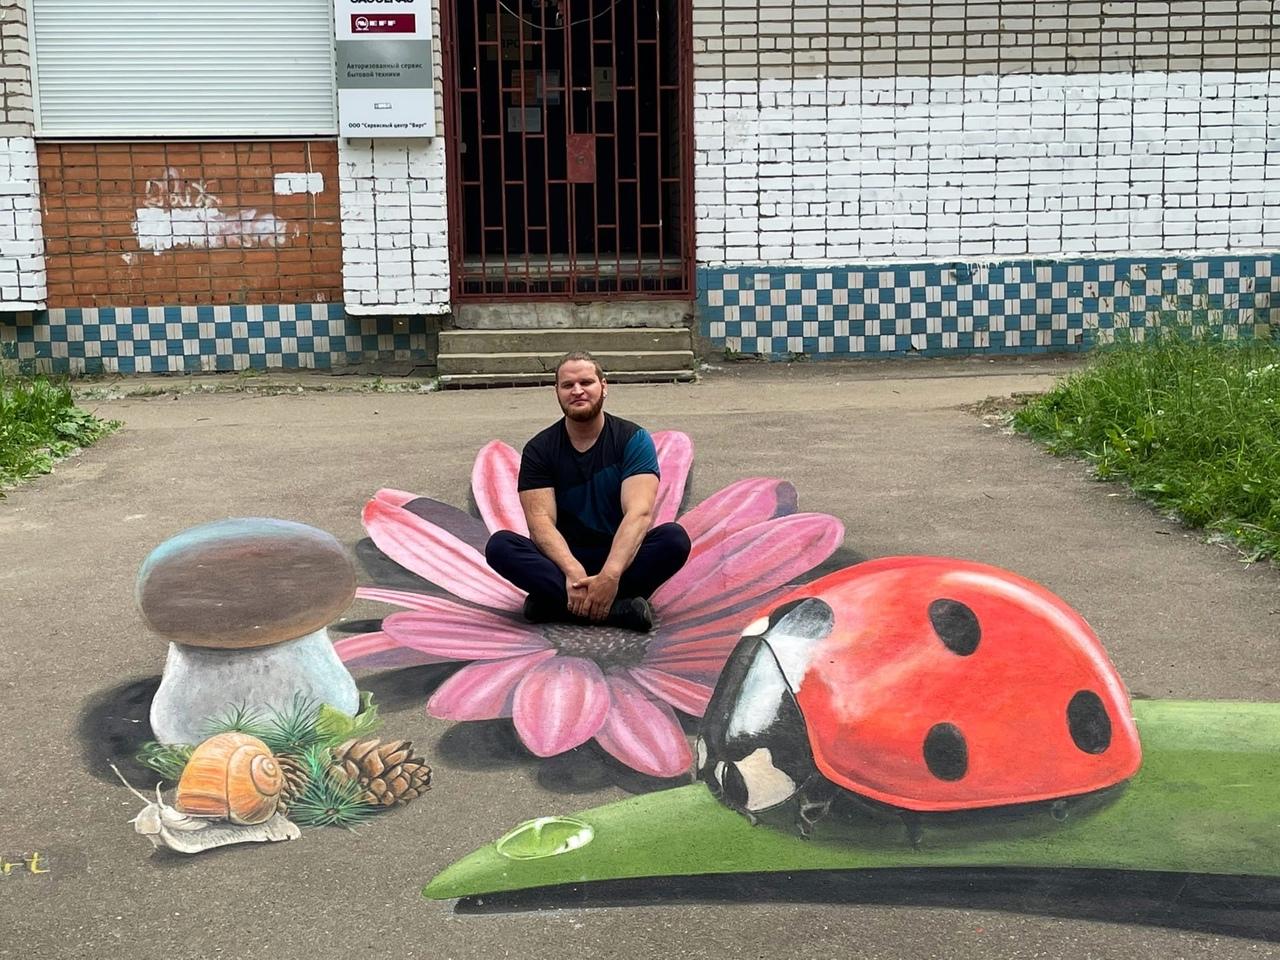 Ярославский уличный художник создал необычную 3D-иллюзию на асфальте